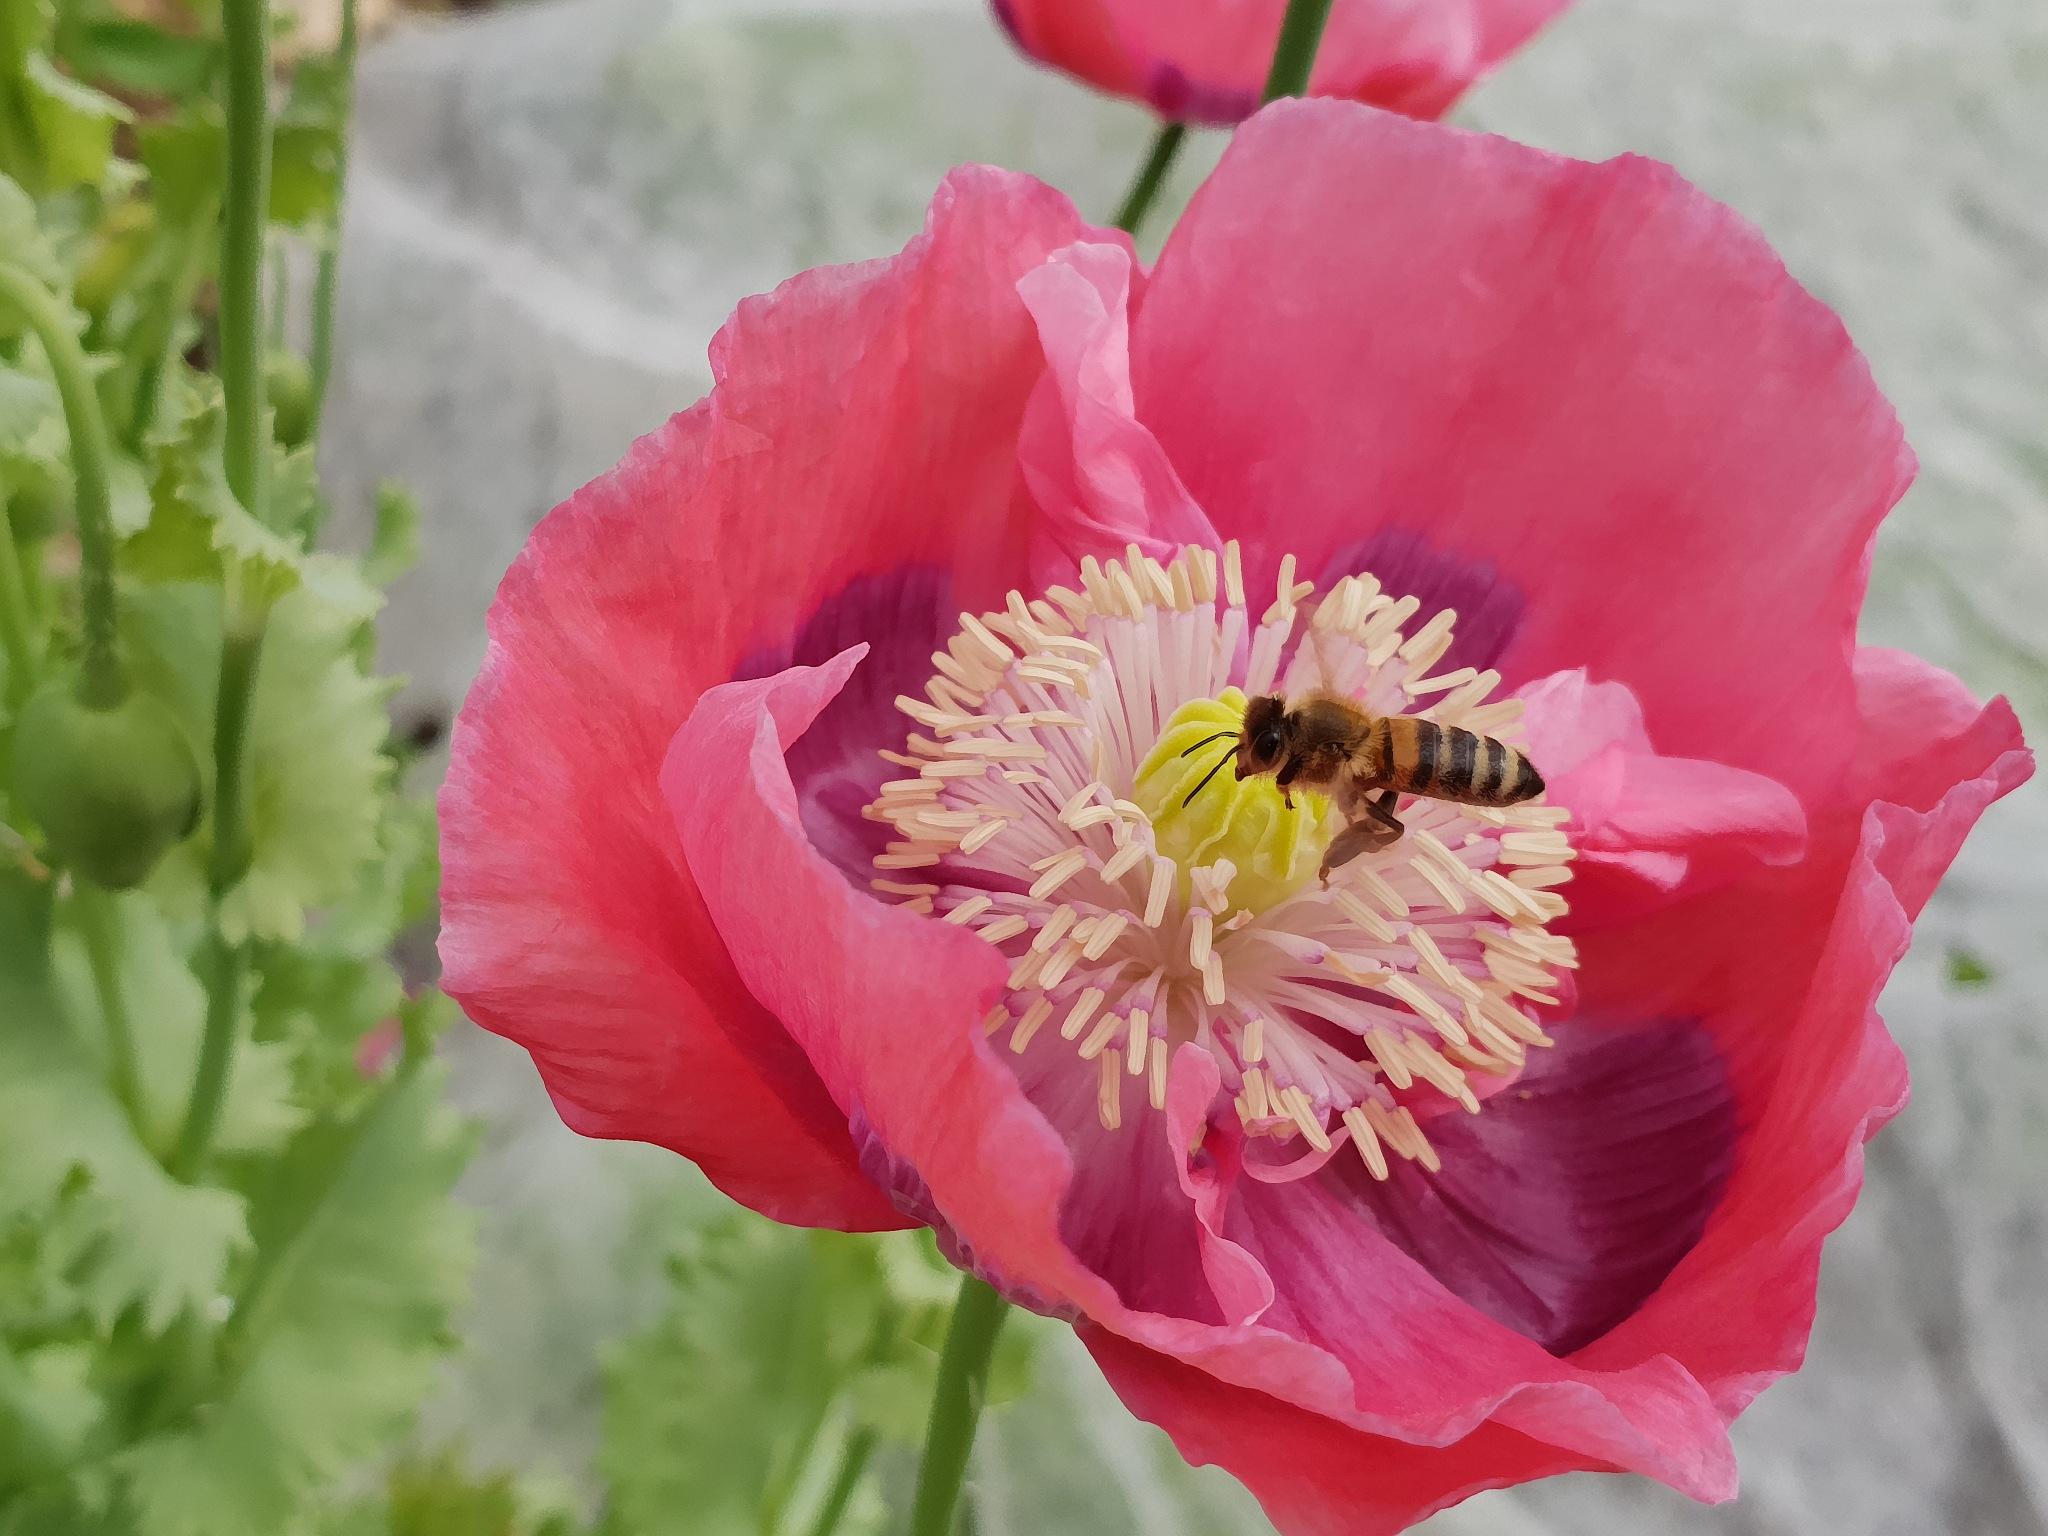 Nak in čebela by zvnktomasevic